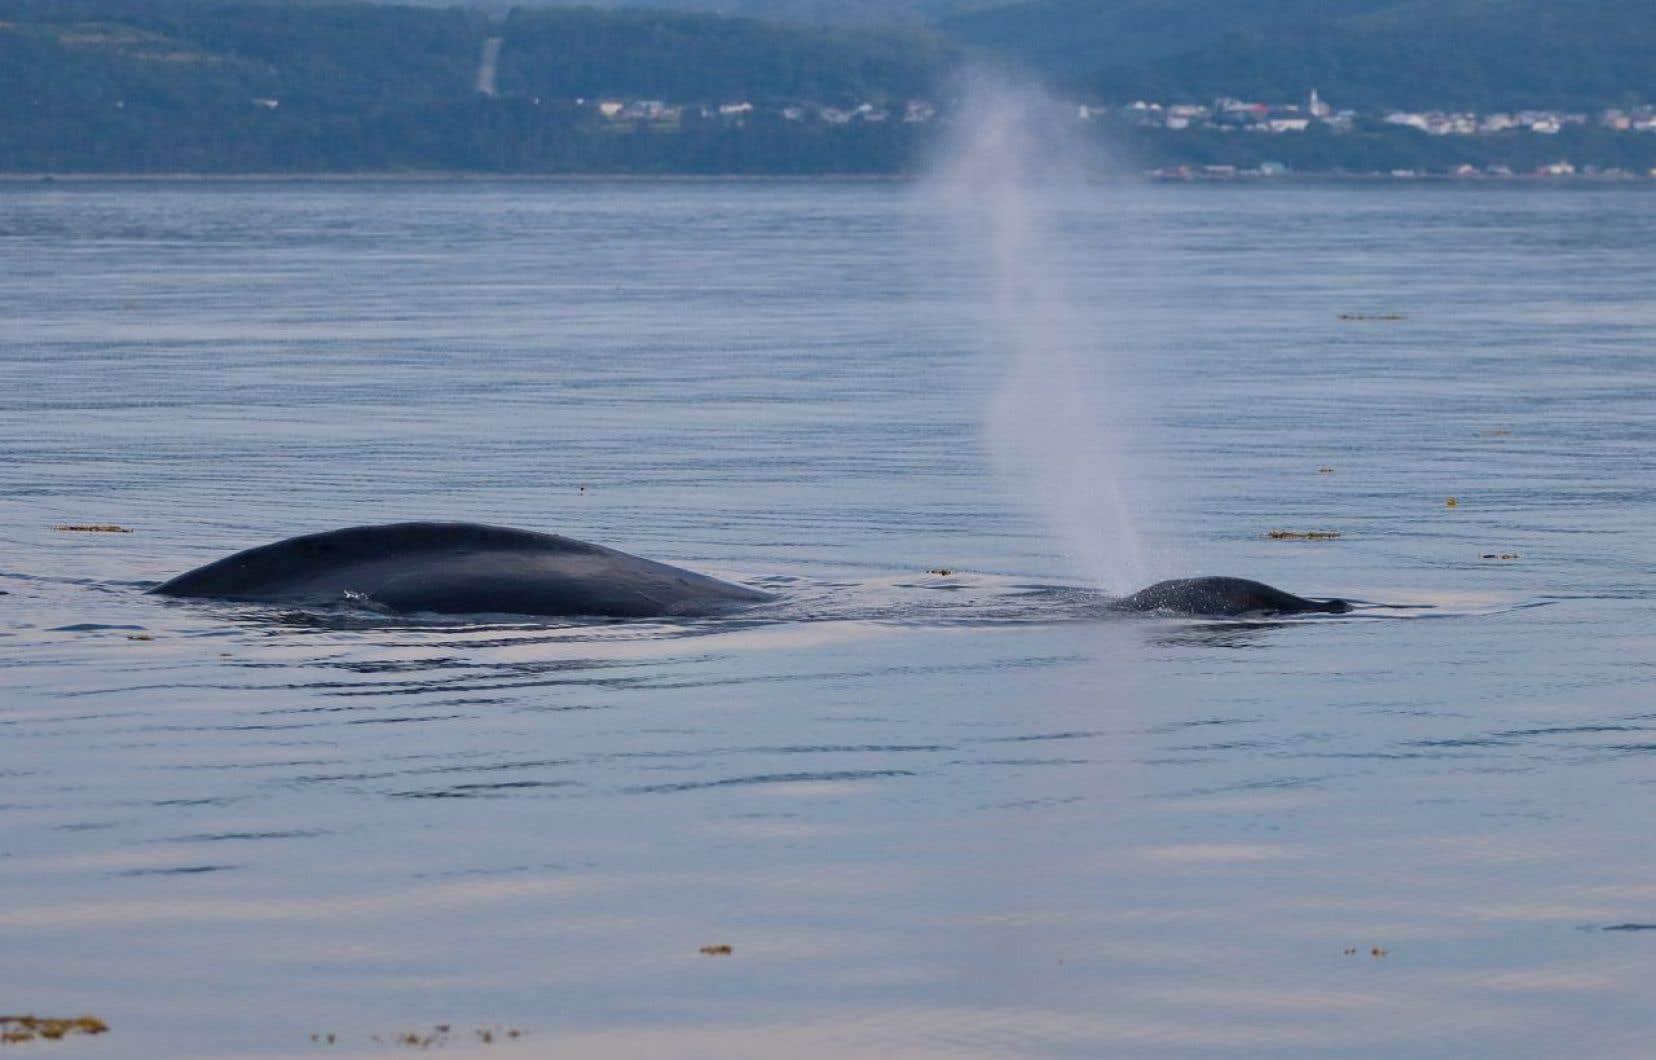 Pêches et Océans Canada n'a pas pu localiser depuis le 2 août la baleine vraisemblablement empêtrée, en raison des mauvaises conditions météorologiques, selon le ministère.